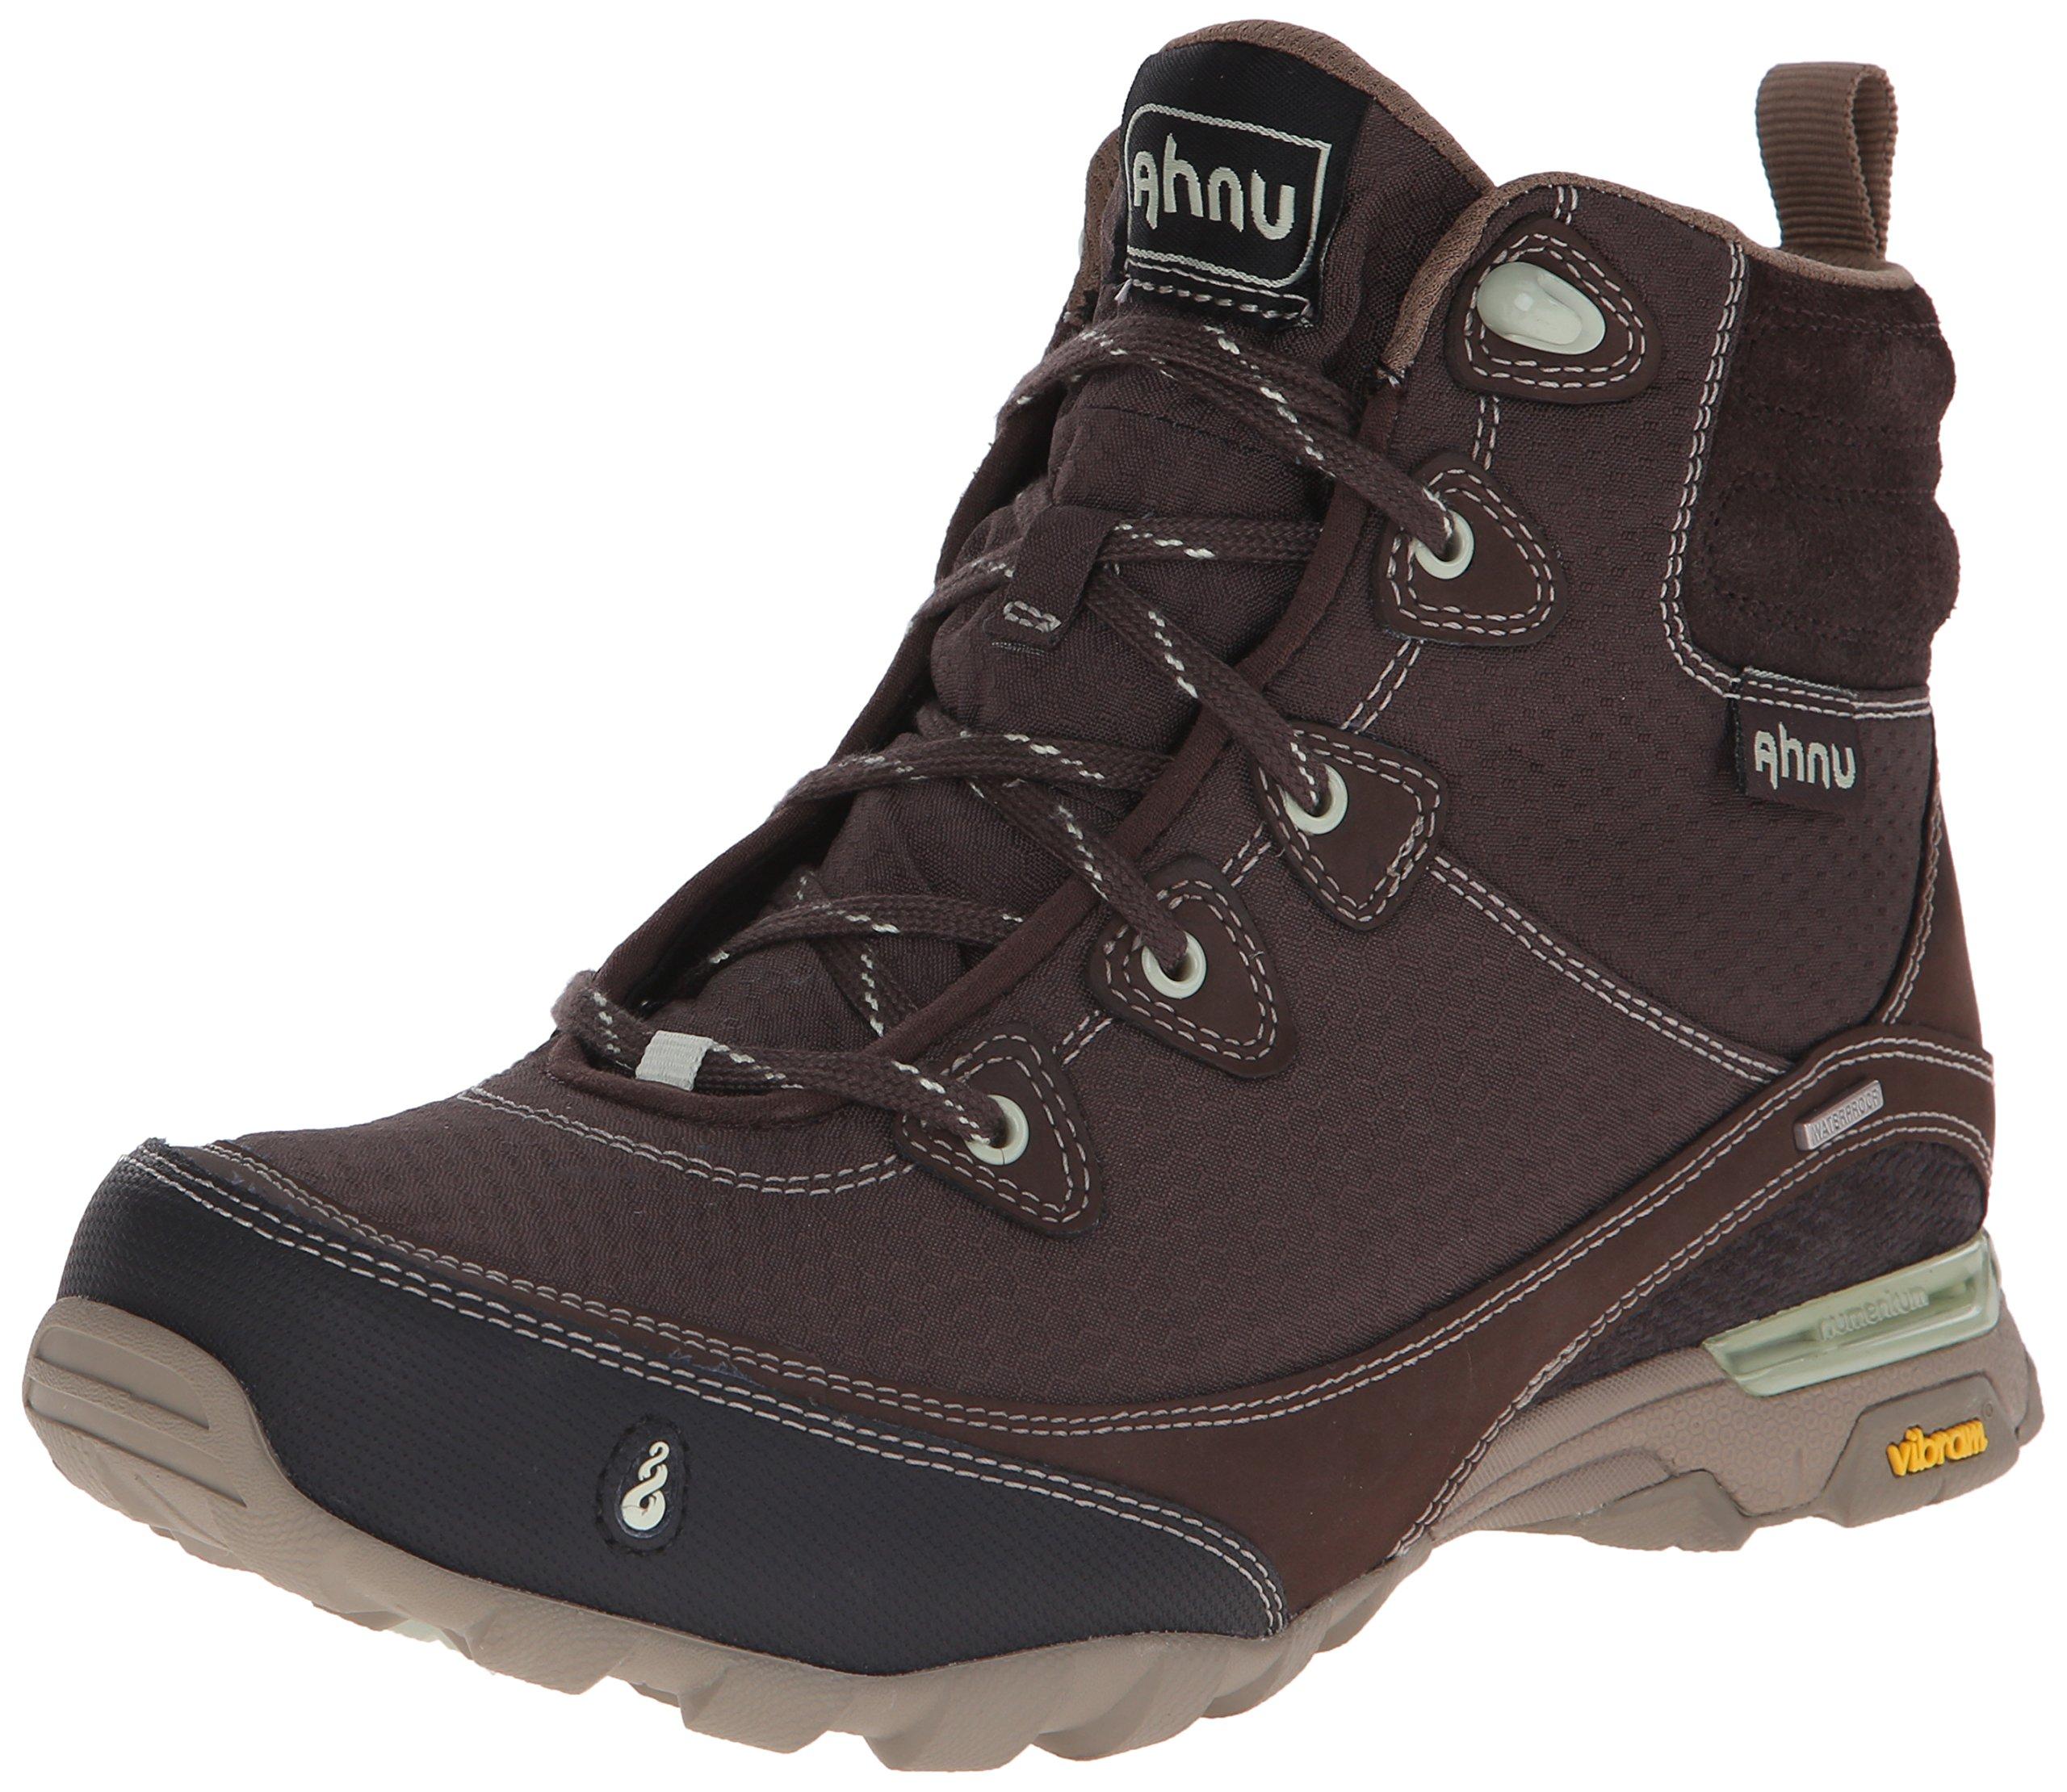 Ahnu Women's Sugarpine Waterproof Hiking Boot, Mulch, 9 M US